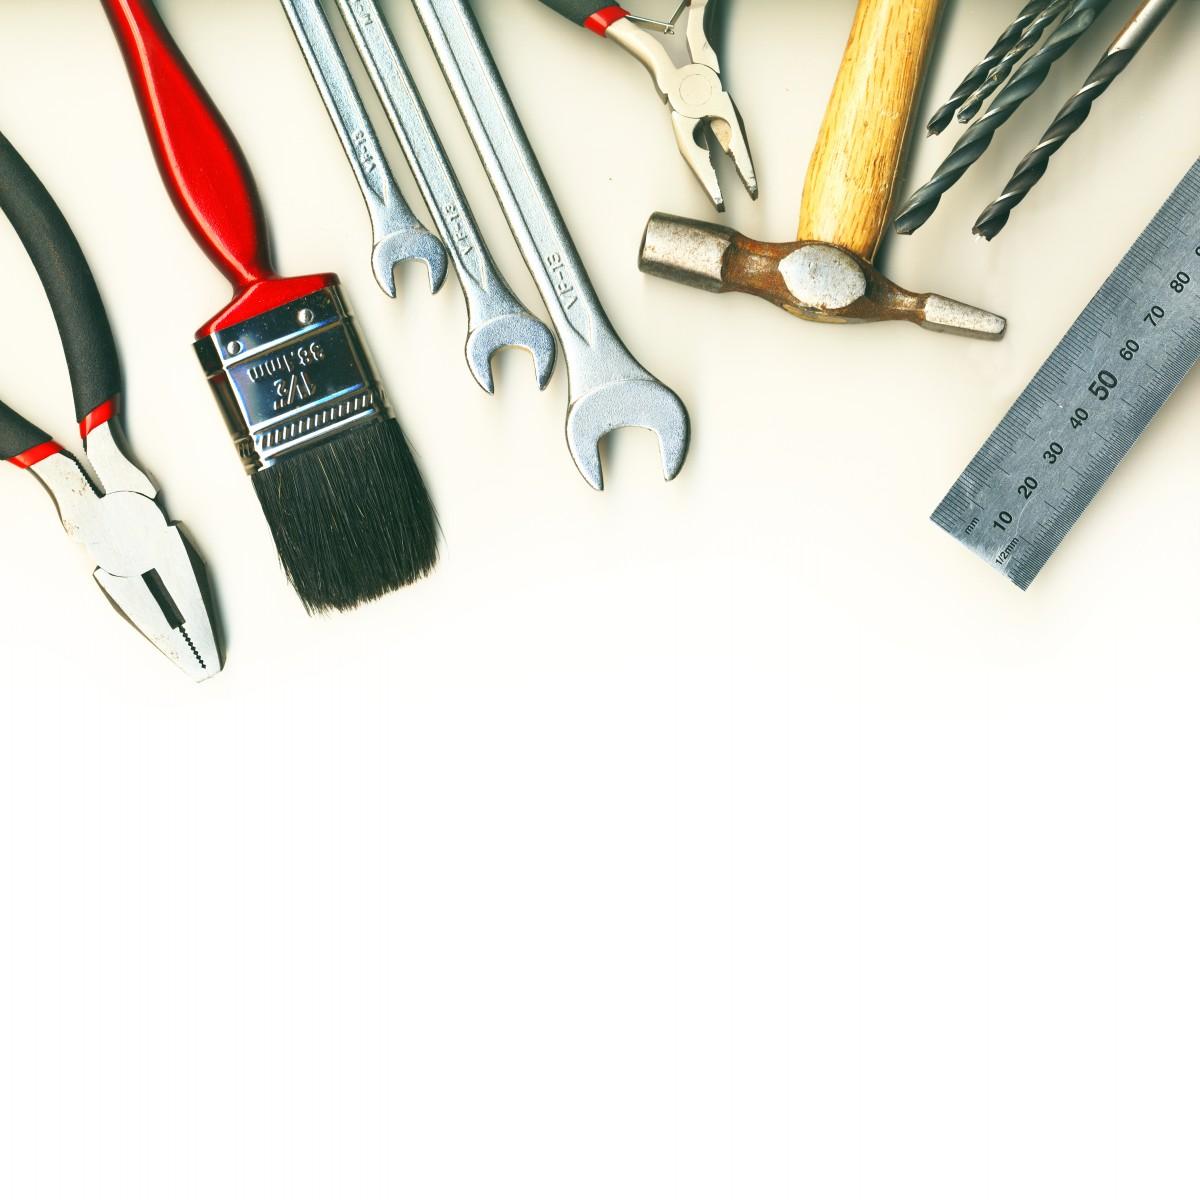 construction tools collection part i u2013 32 tool u2022 elsoar